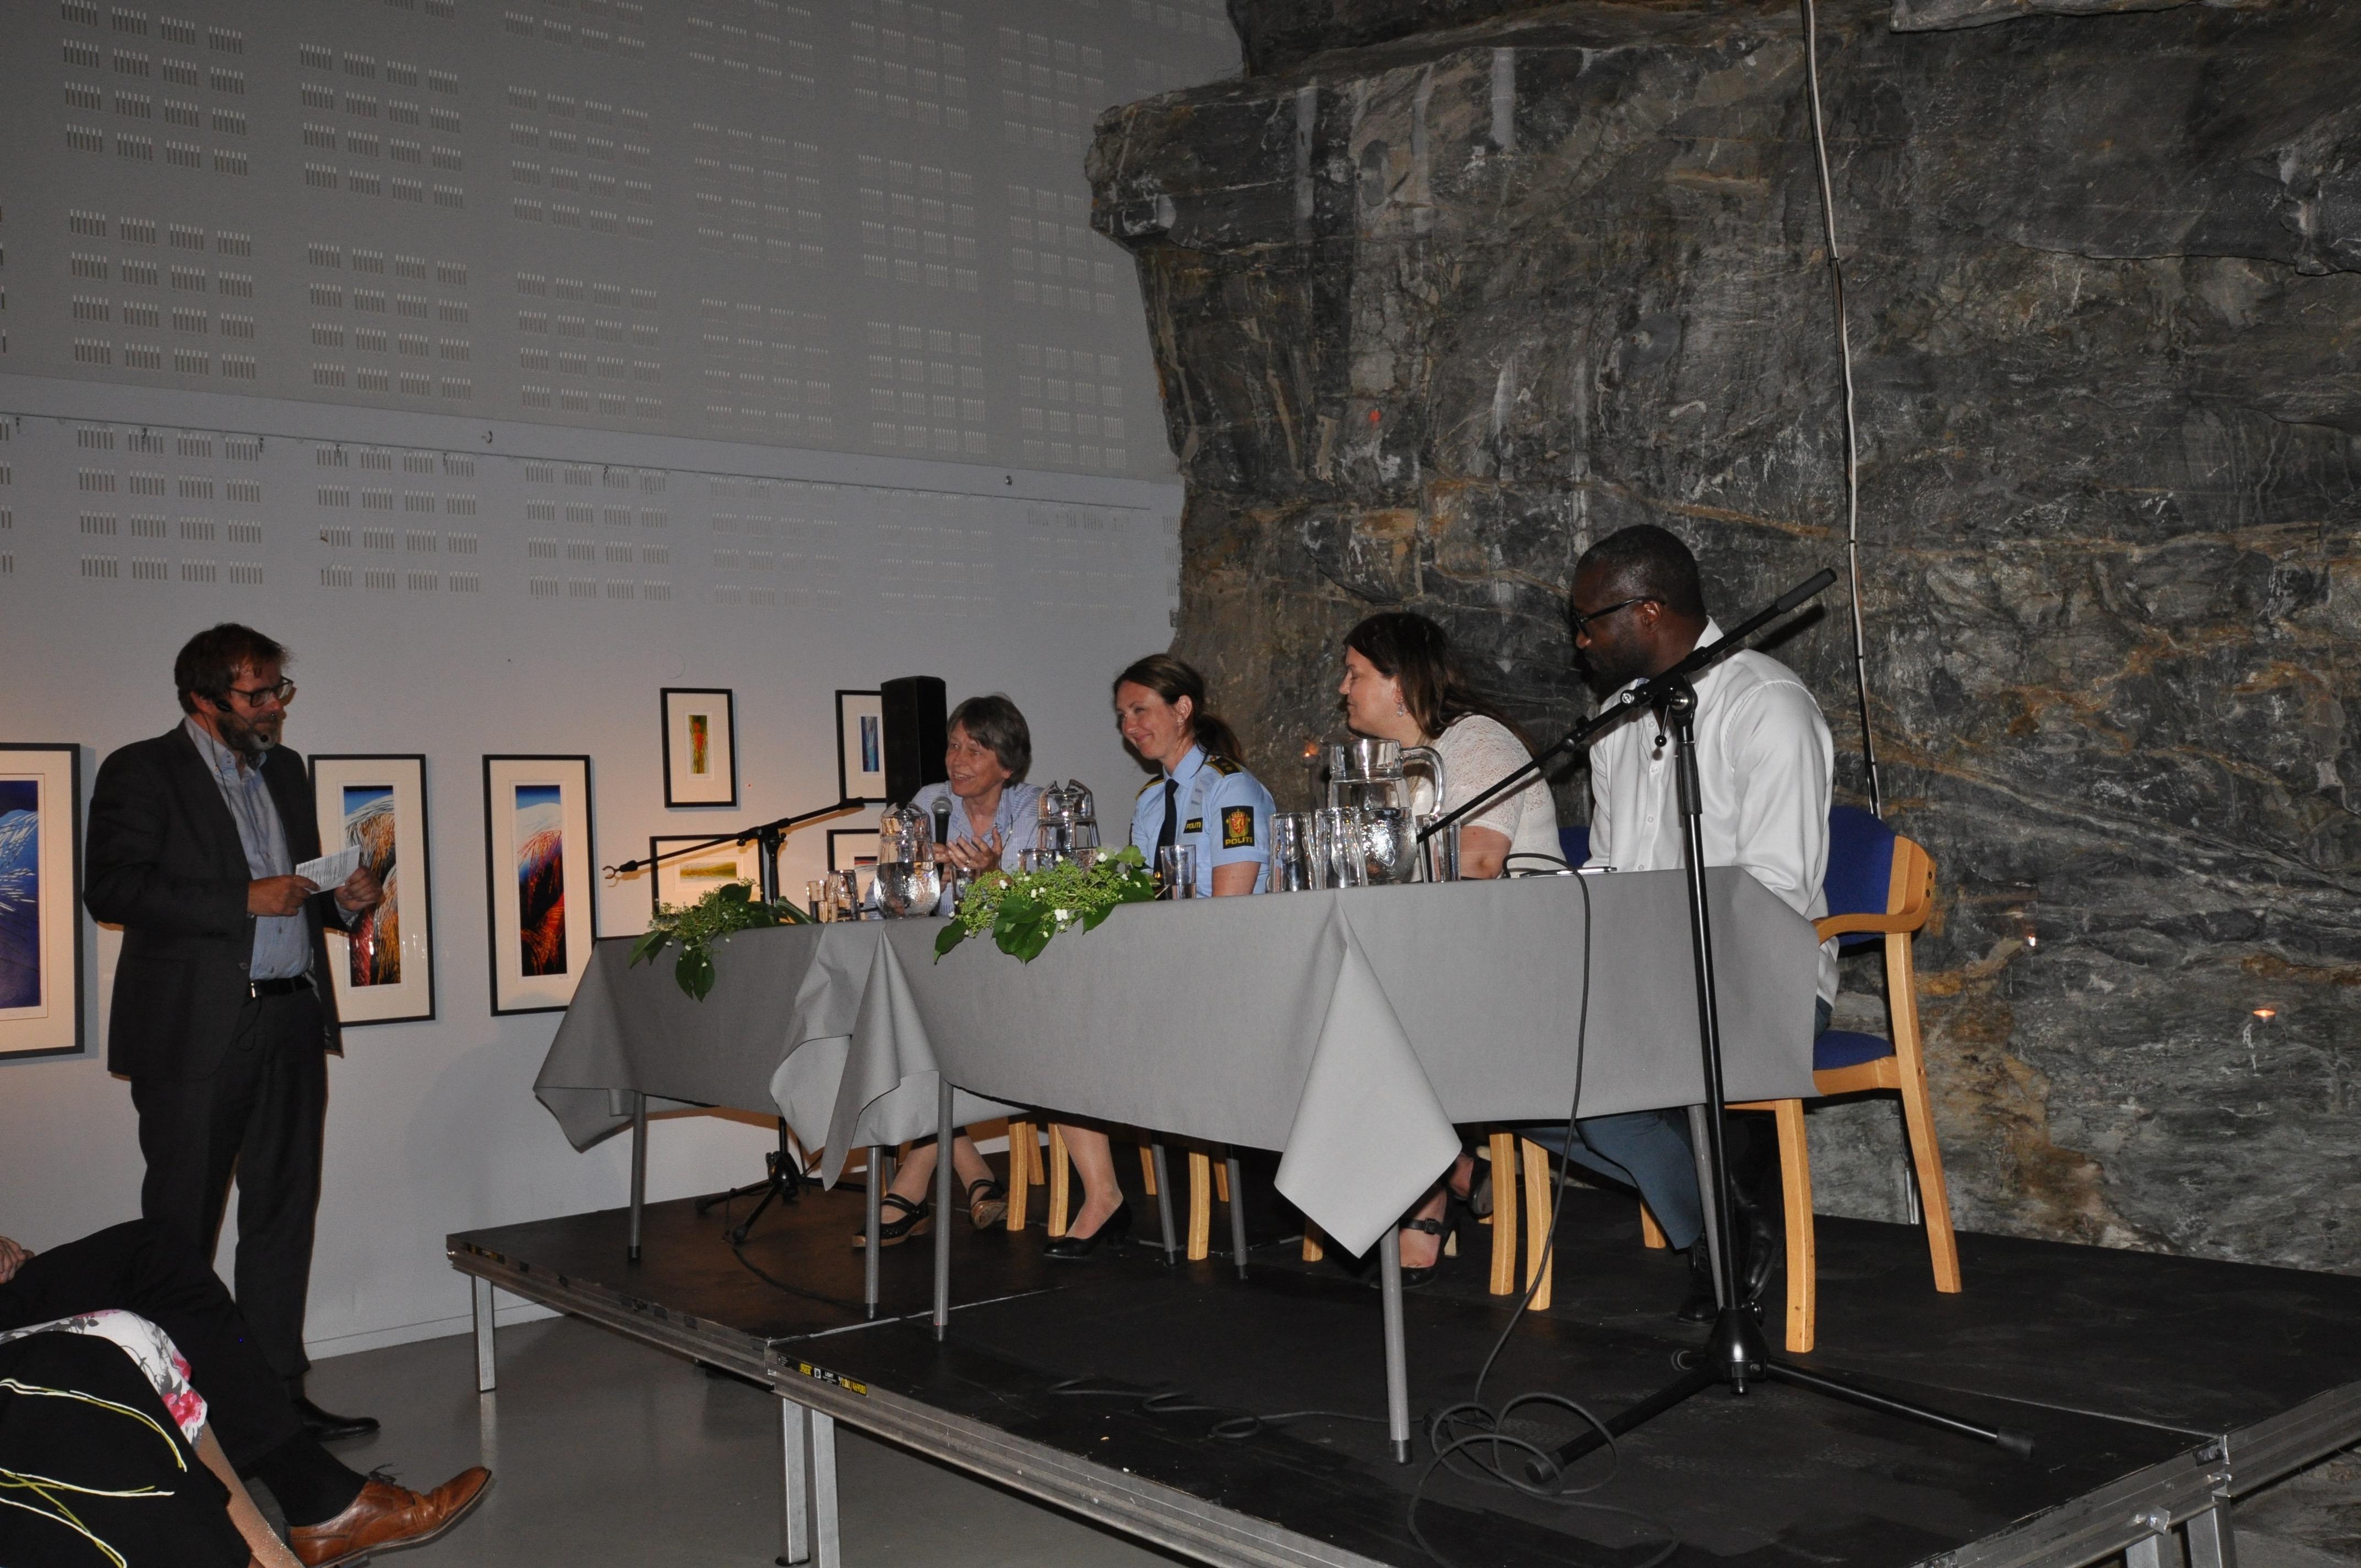 Halvor Folgerø leia ein god debatt Panelet: Hanne Sofie Greve, Hilde Reikrås, Birthe Eriksen og Famara Alieu Sanyang